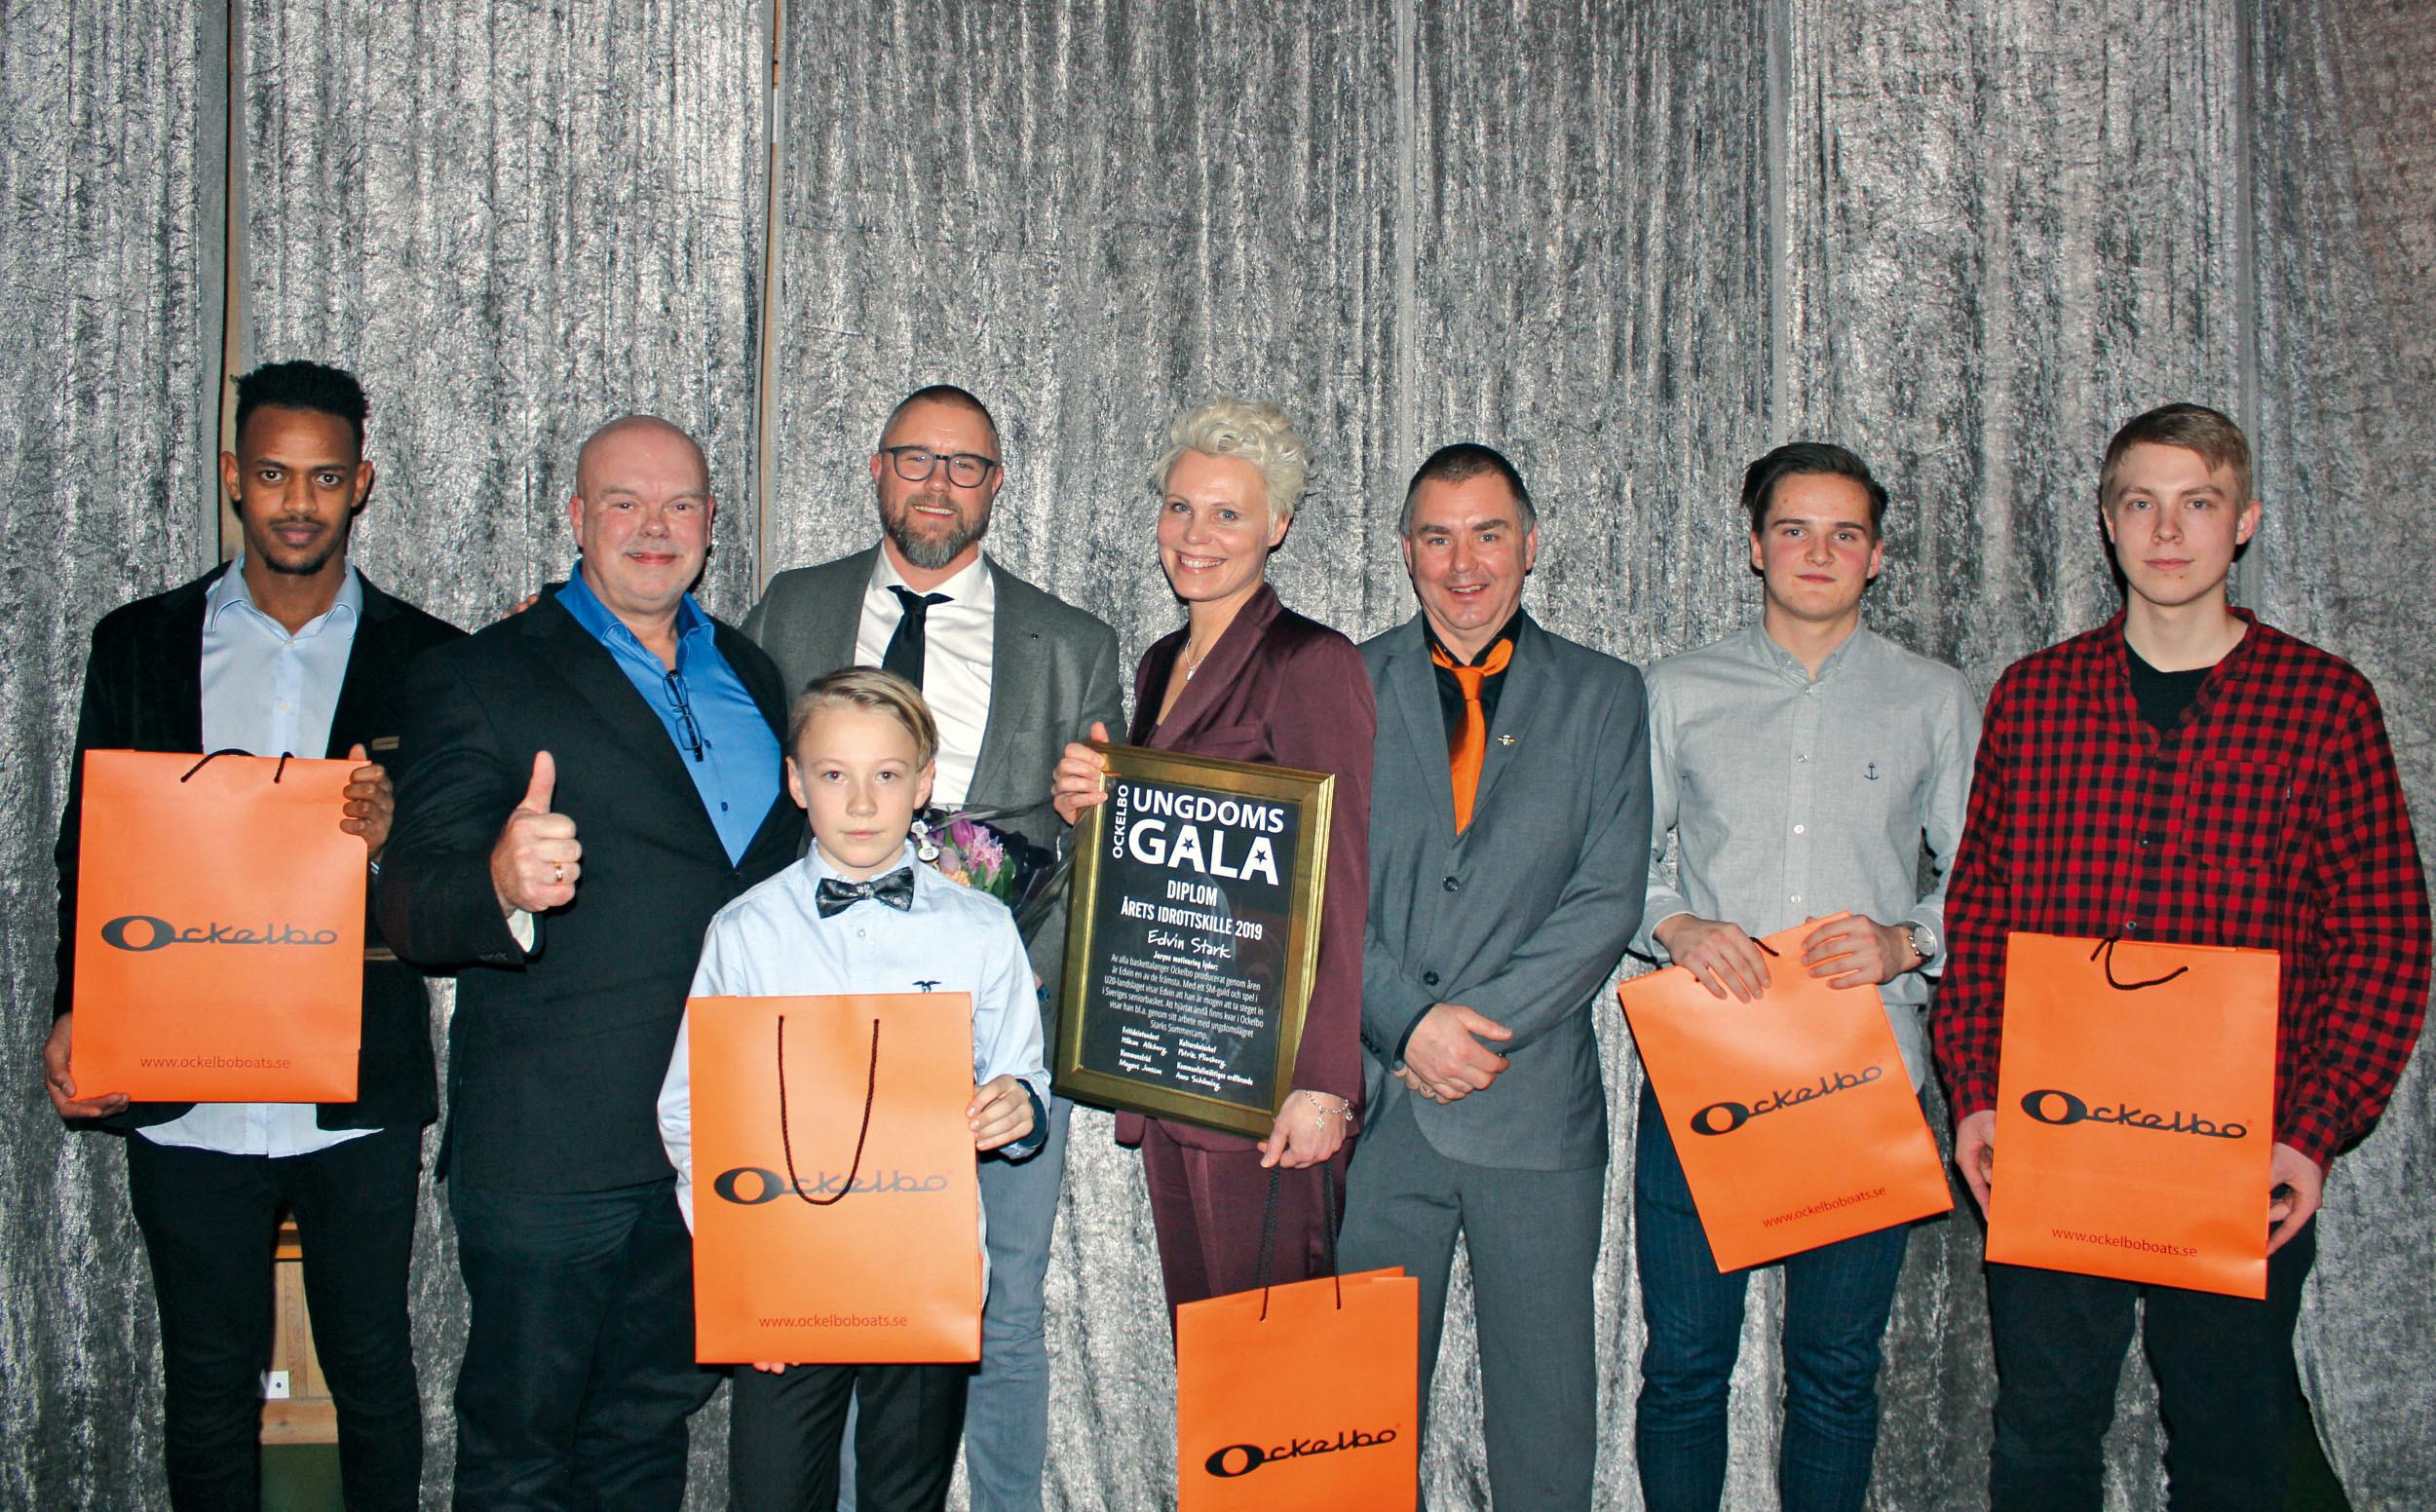 Joe Formgren och Mikael Olsson delade ut priser Årets Idrottskille på Ungdomsgalan i Ockelbo.